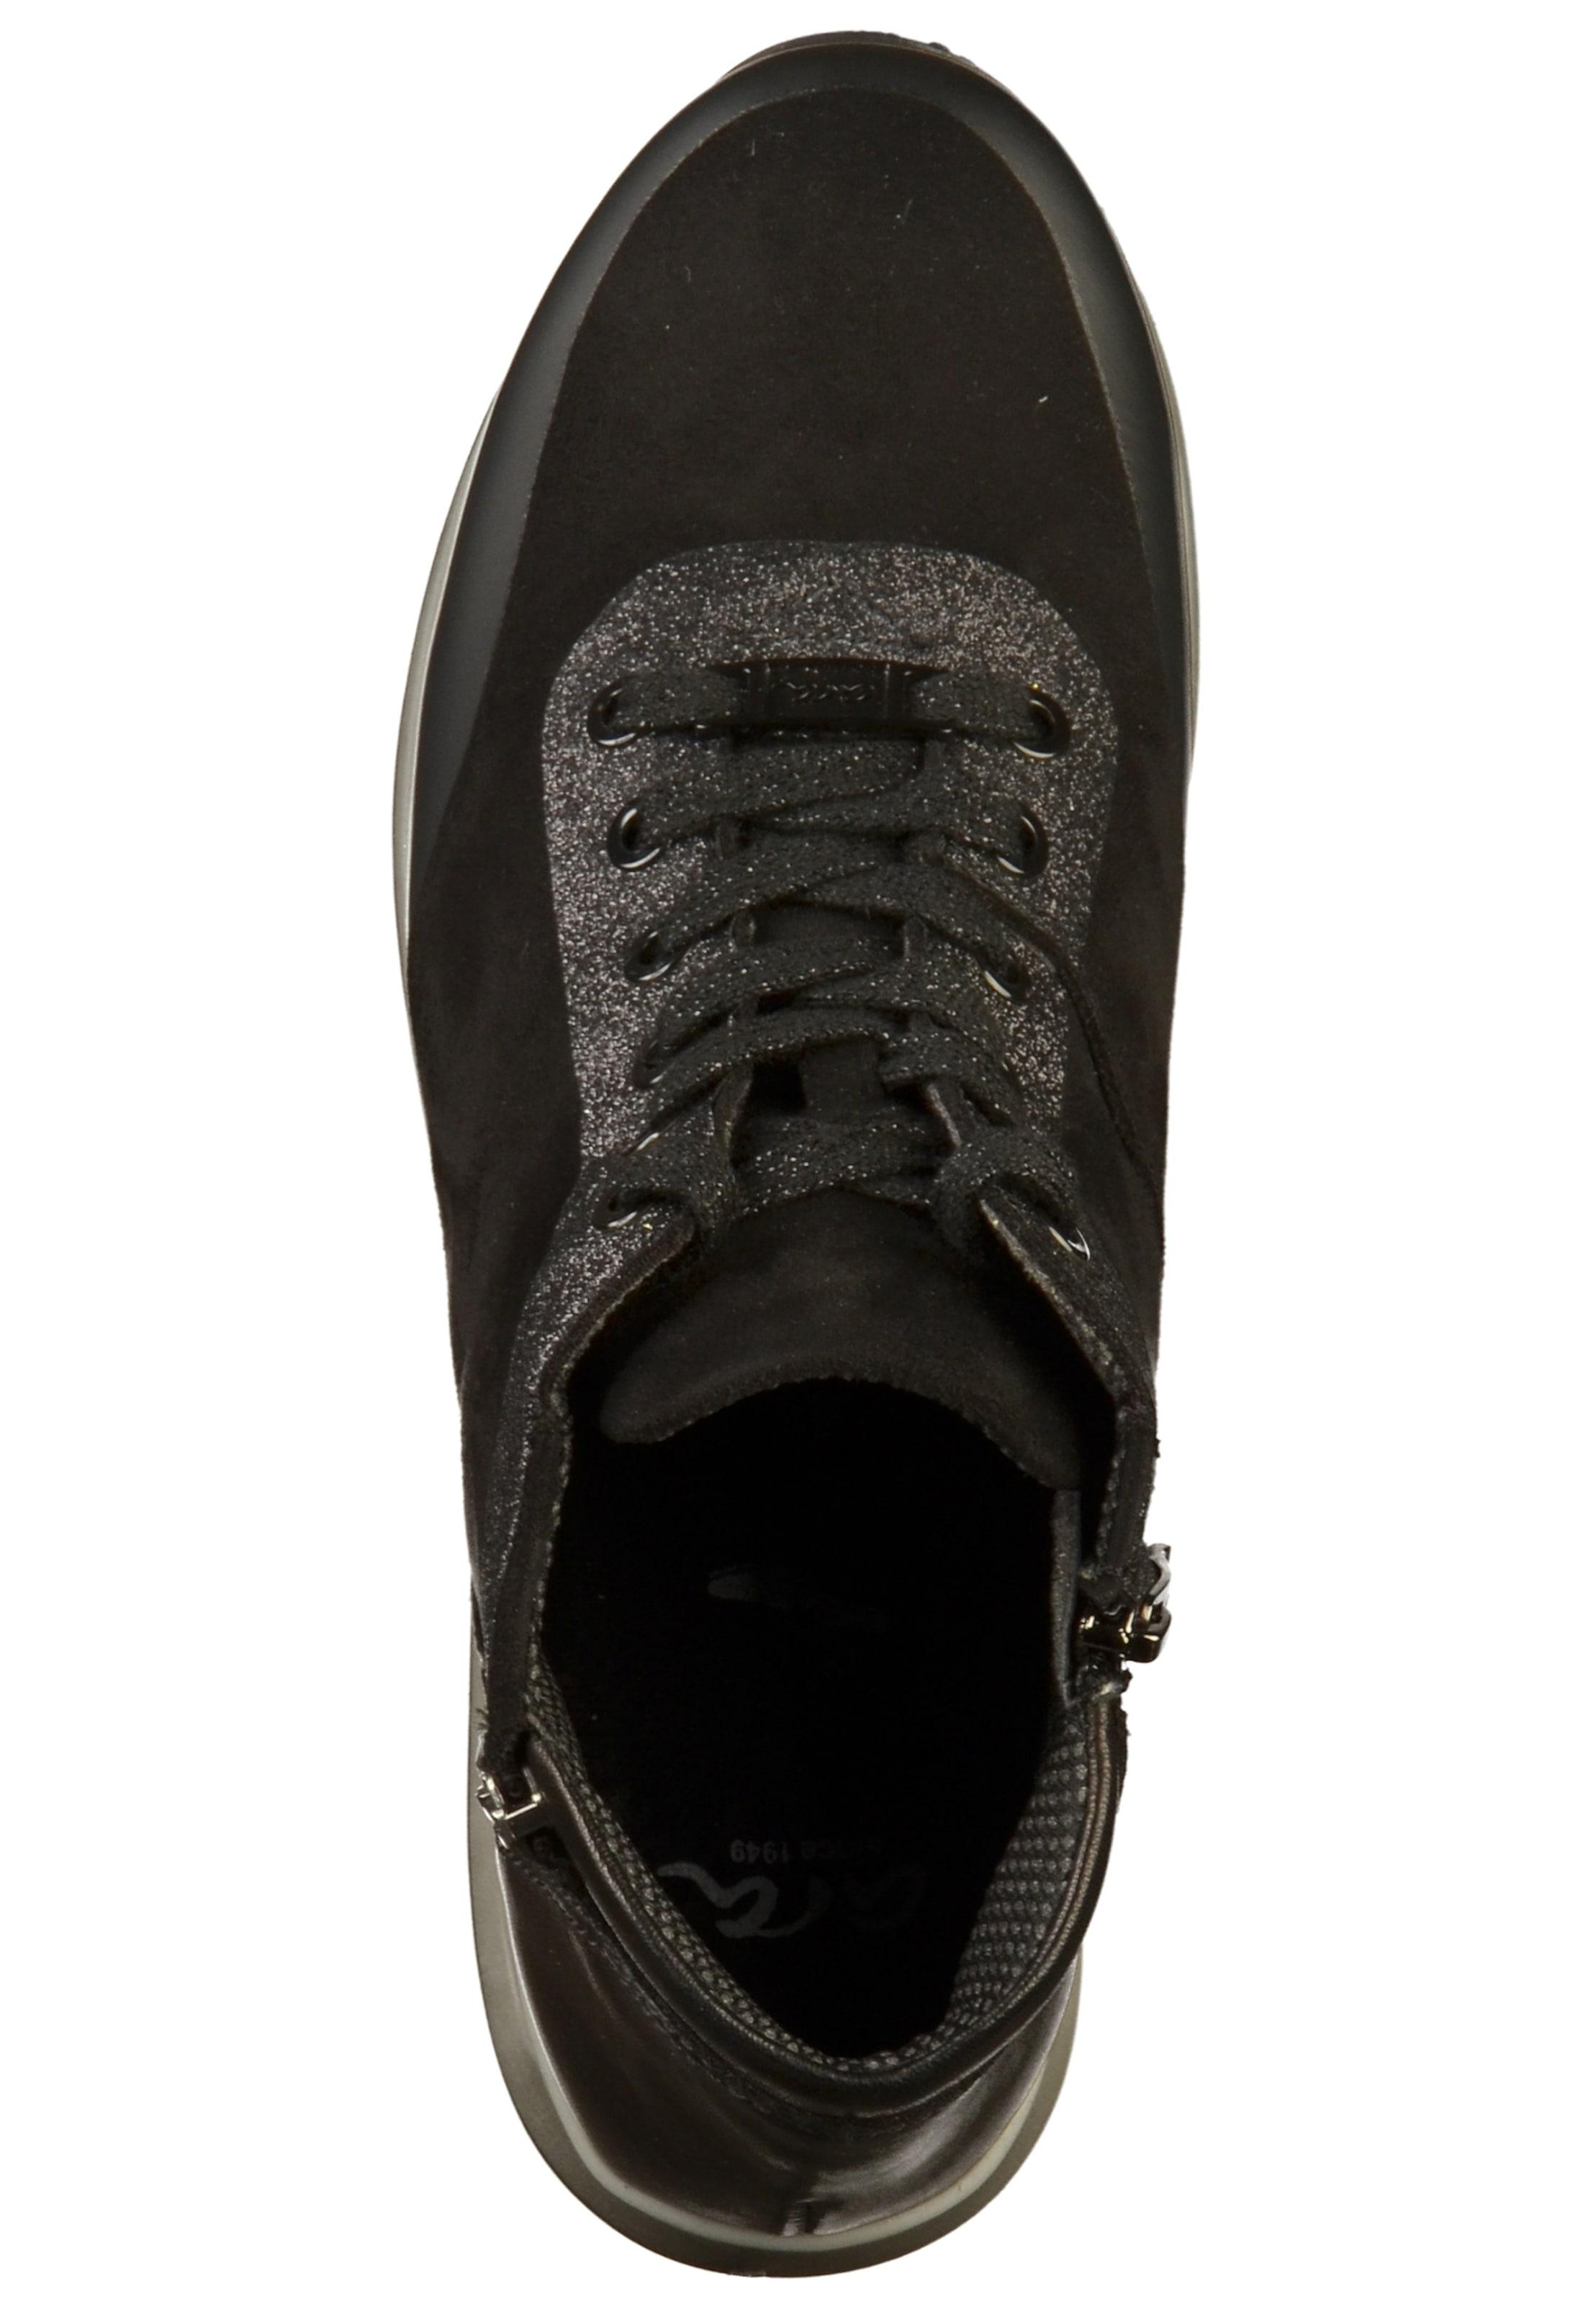 Sneaker In Ara Schwarz Ara Sneaker In Schwarz Schwarz Ara In Sneaker Qtrshd